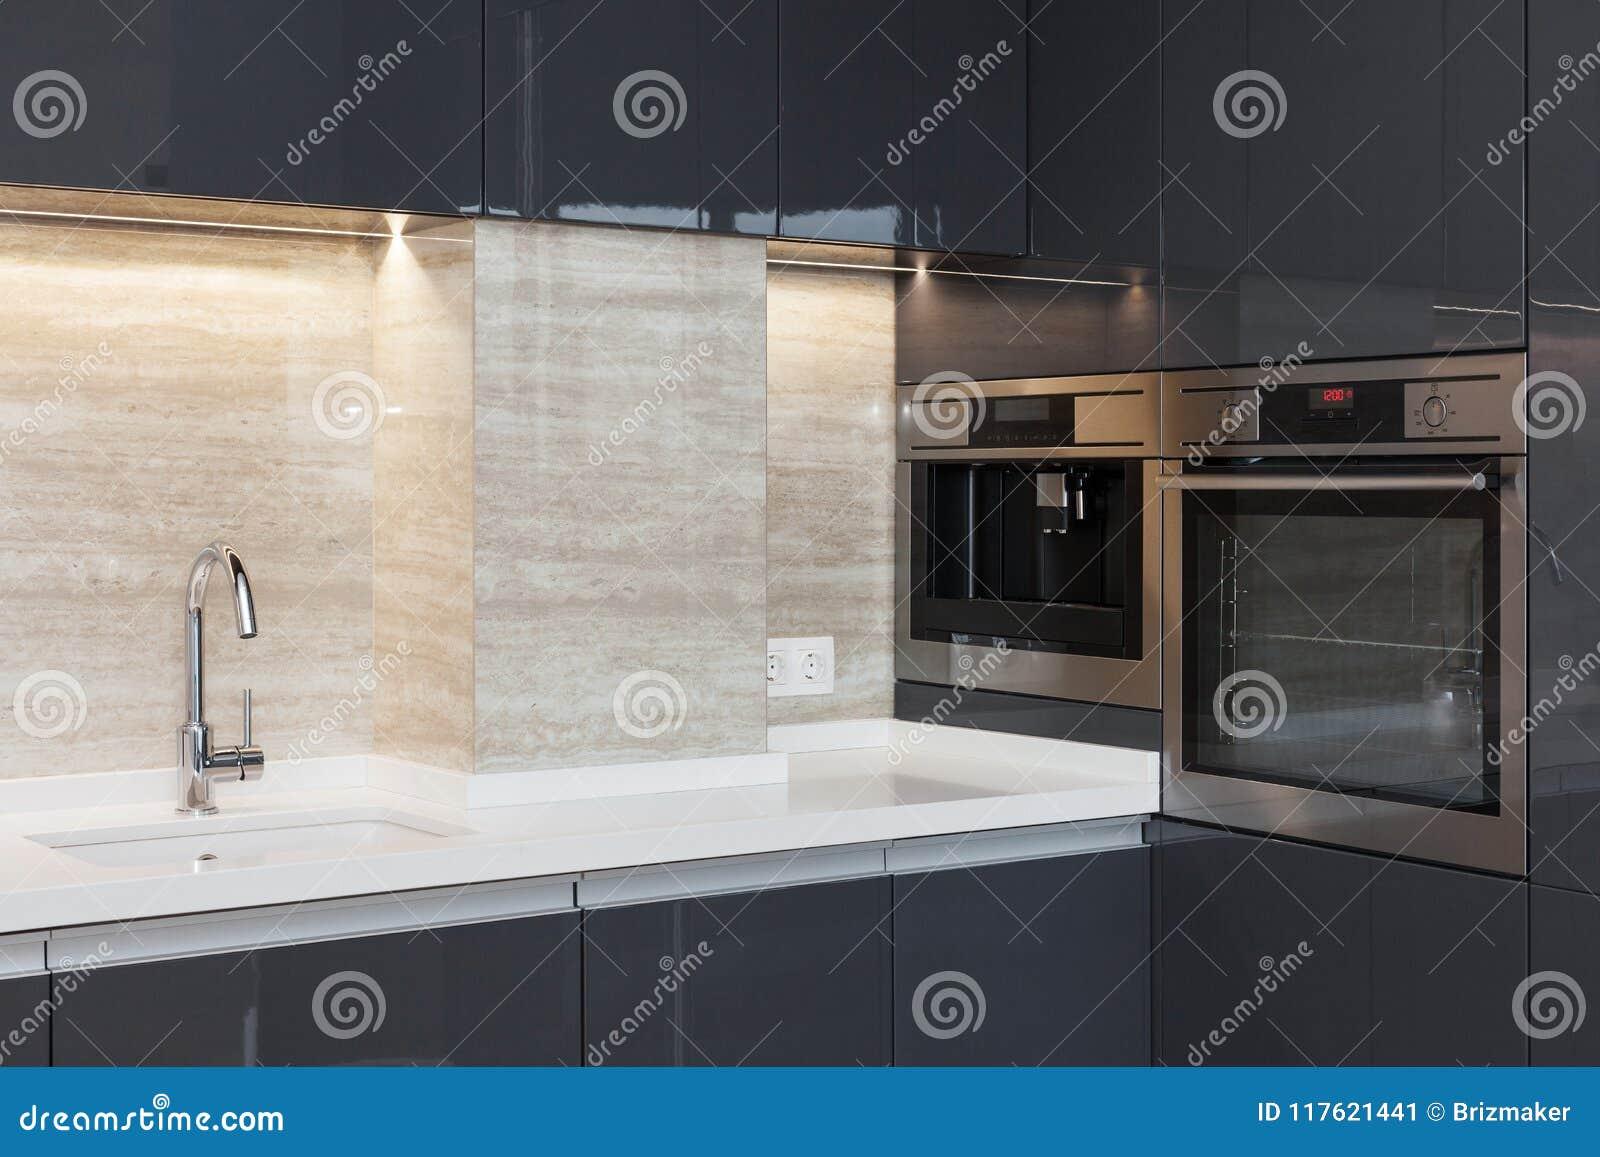 Nueva cocina moderna con construido en golpecito de agua del horno y del cromo Iluminación del worktop del LED